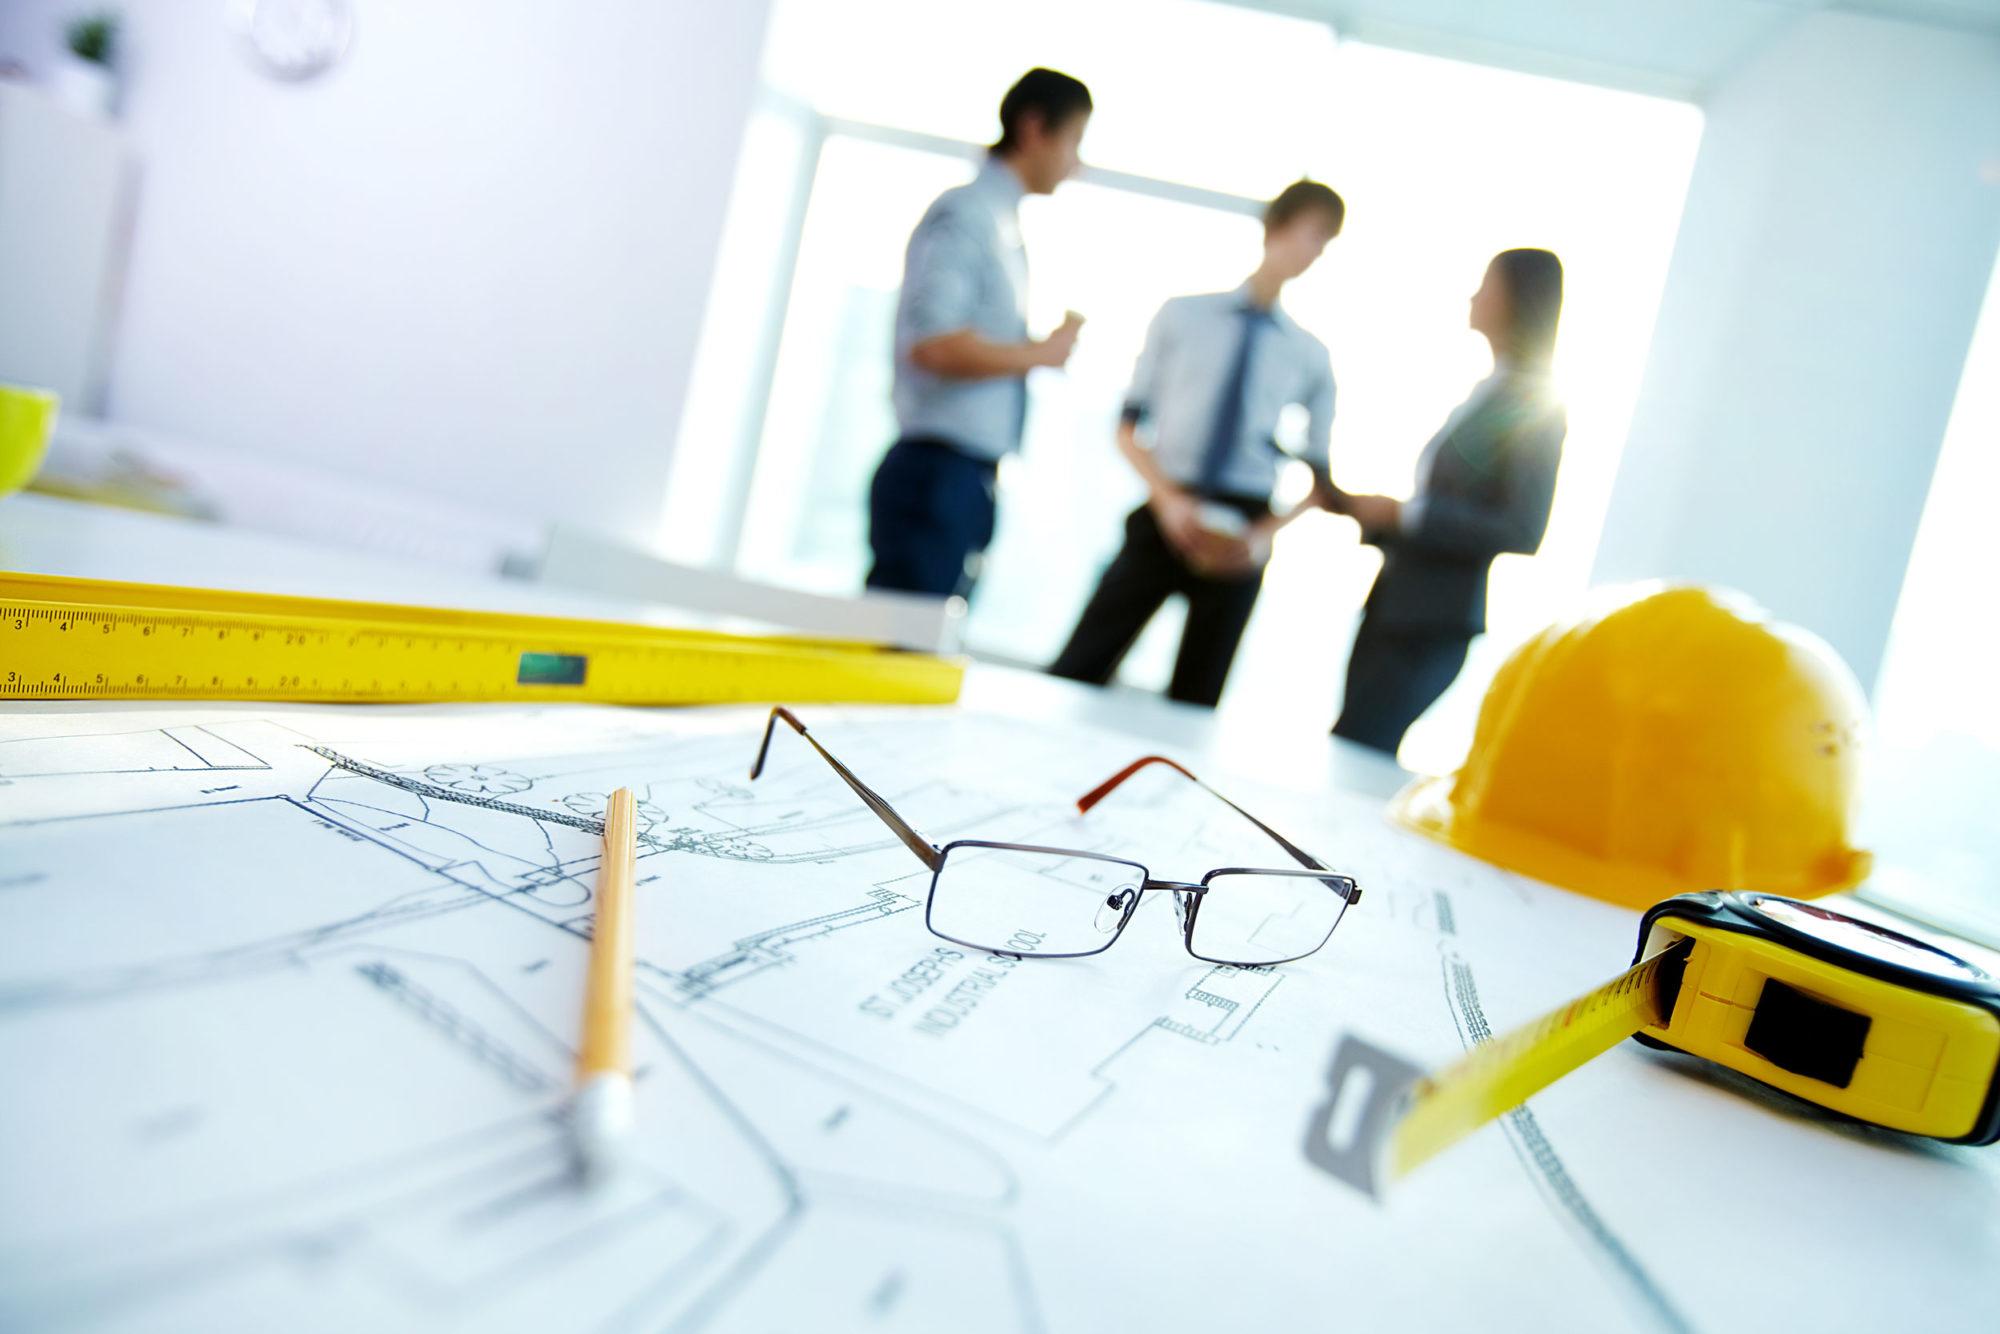 Skiss av planlösning med penna, måttstock och glasögon ovanpå, tre personer diskuterar i bakgrunden.